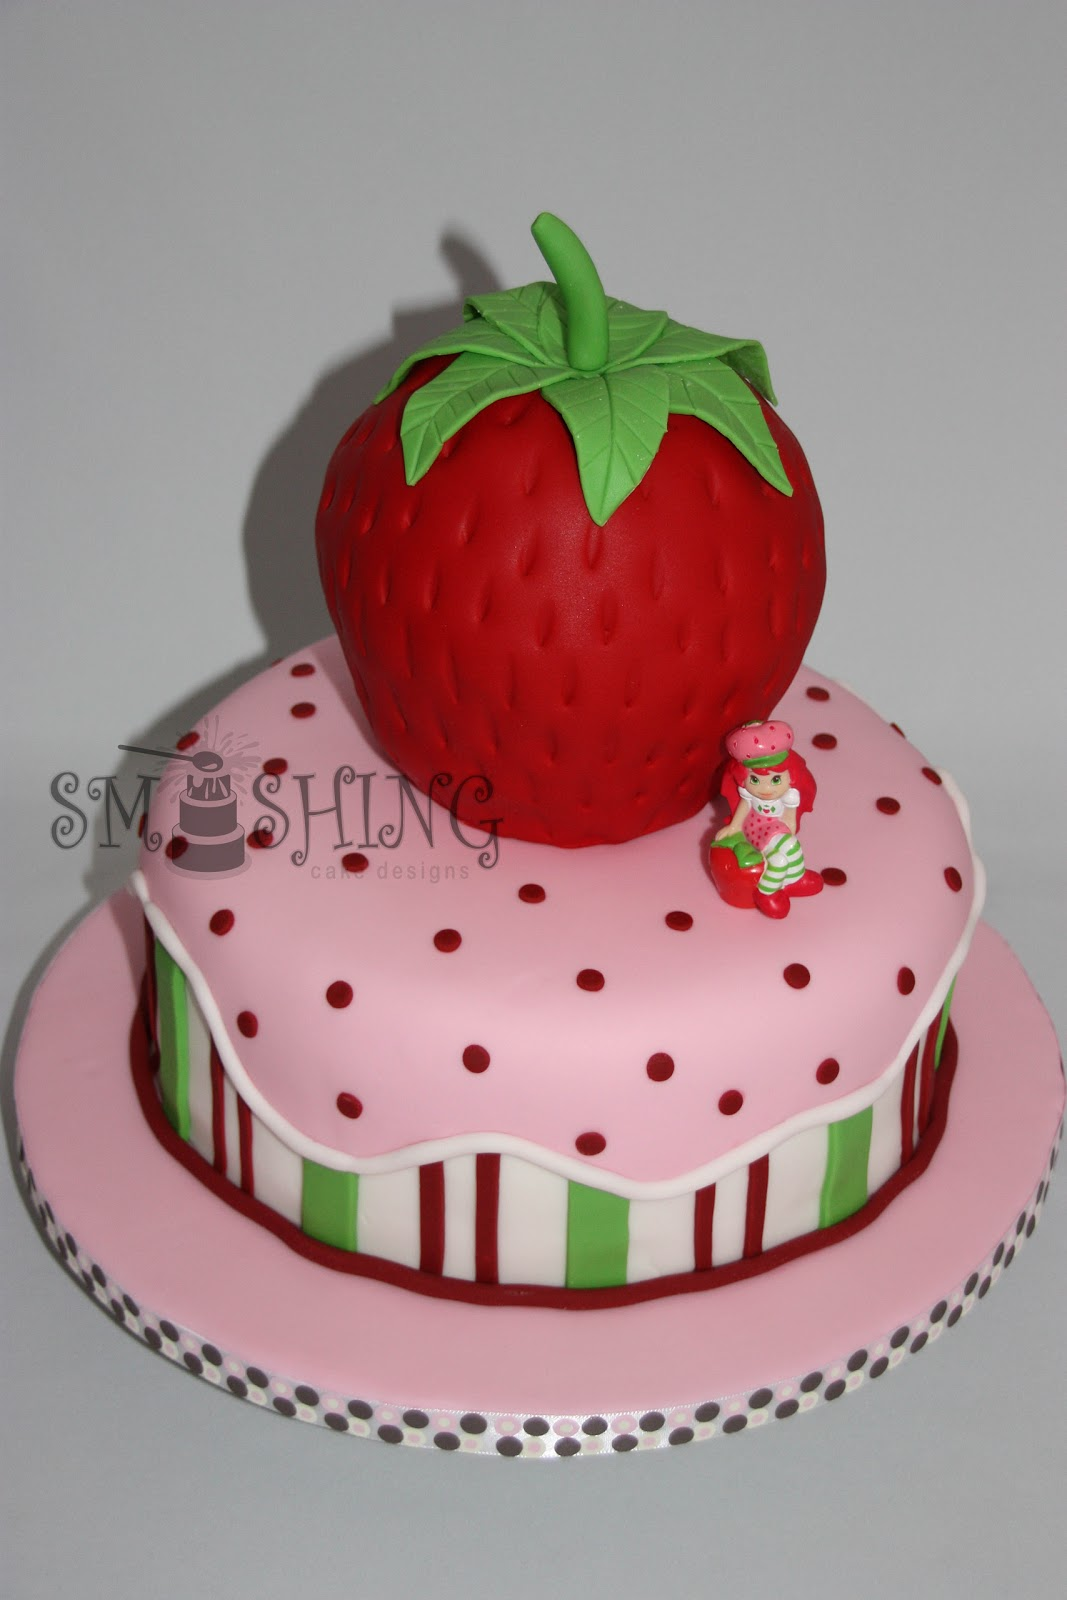 Images Of Strawberry Shortcake Cake : Smashing Cake Designs: Strawberry Shortcake